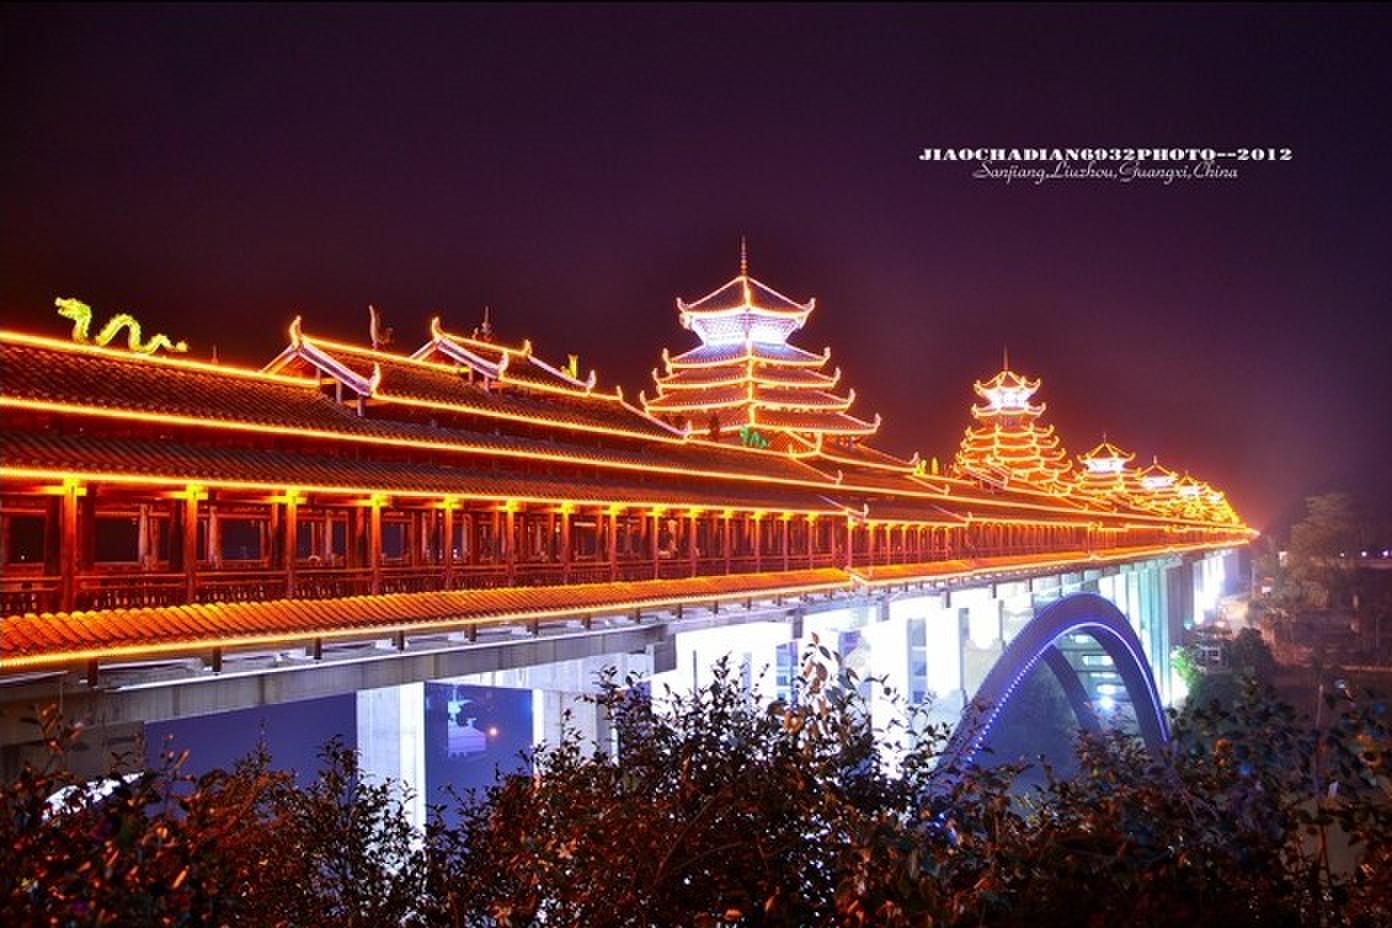 走进三江丹洲古镇,参加2013丹洲柚子节!